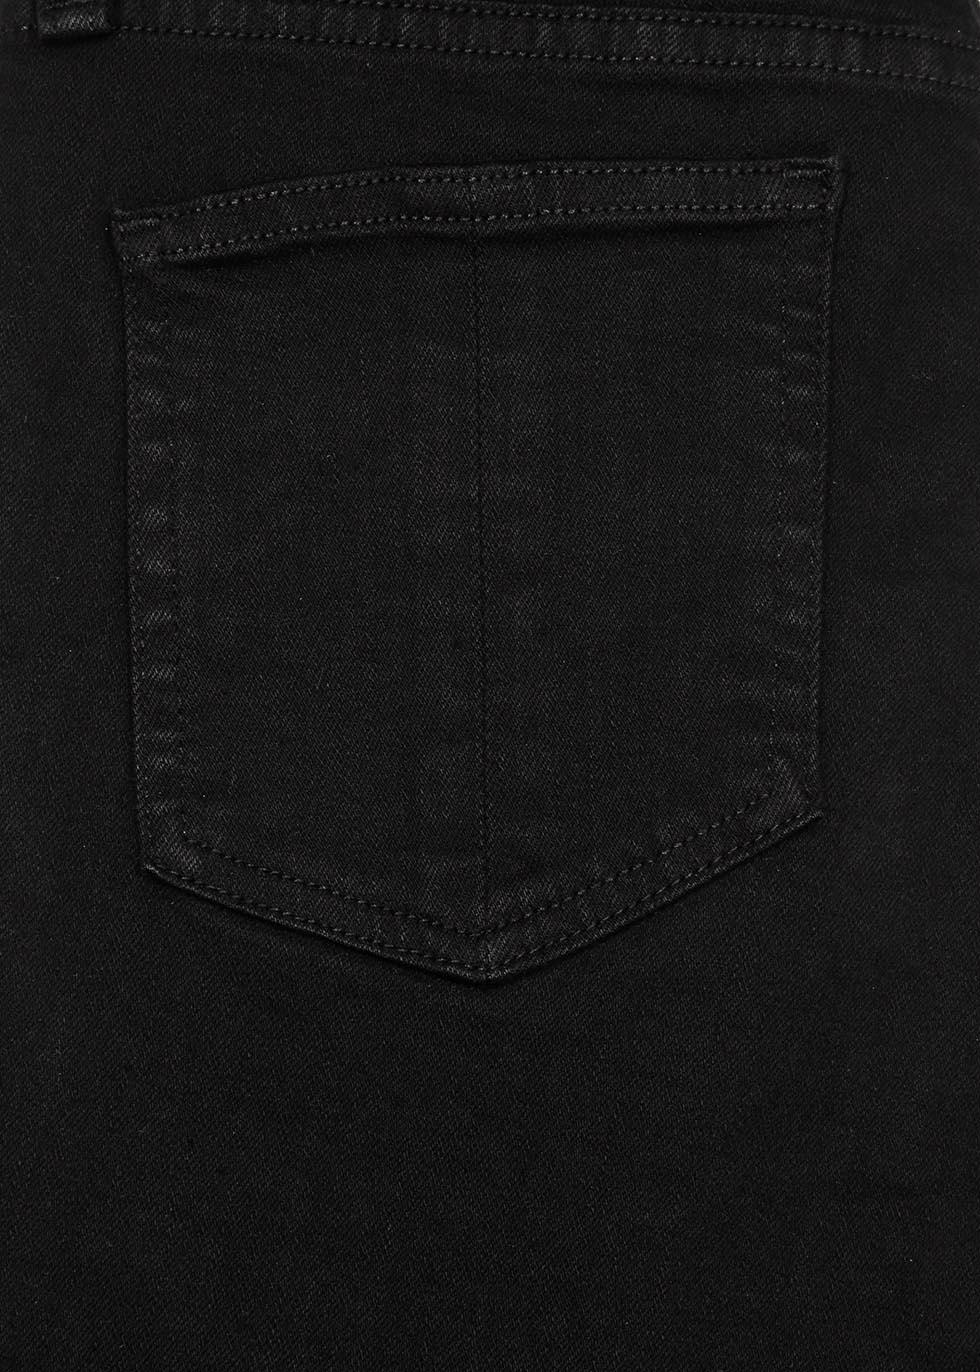 10 Inch Capri black skinny jeans - rag & bone